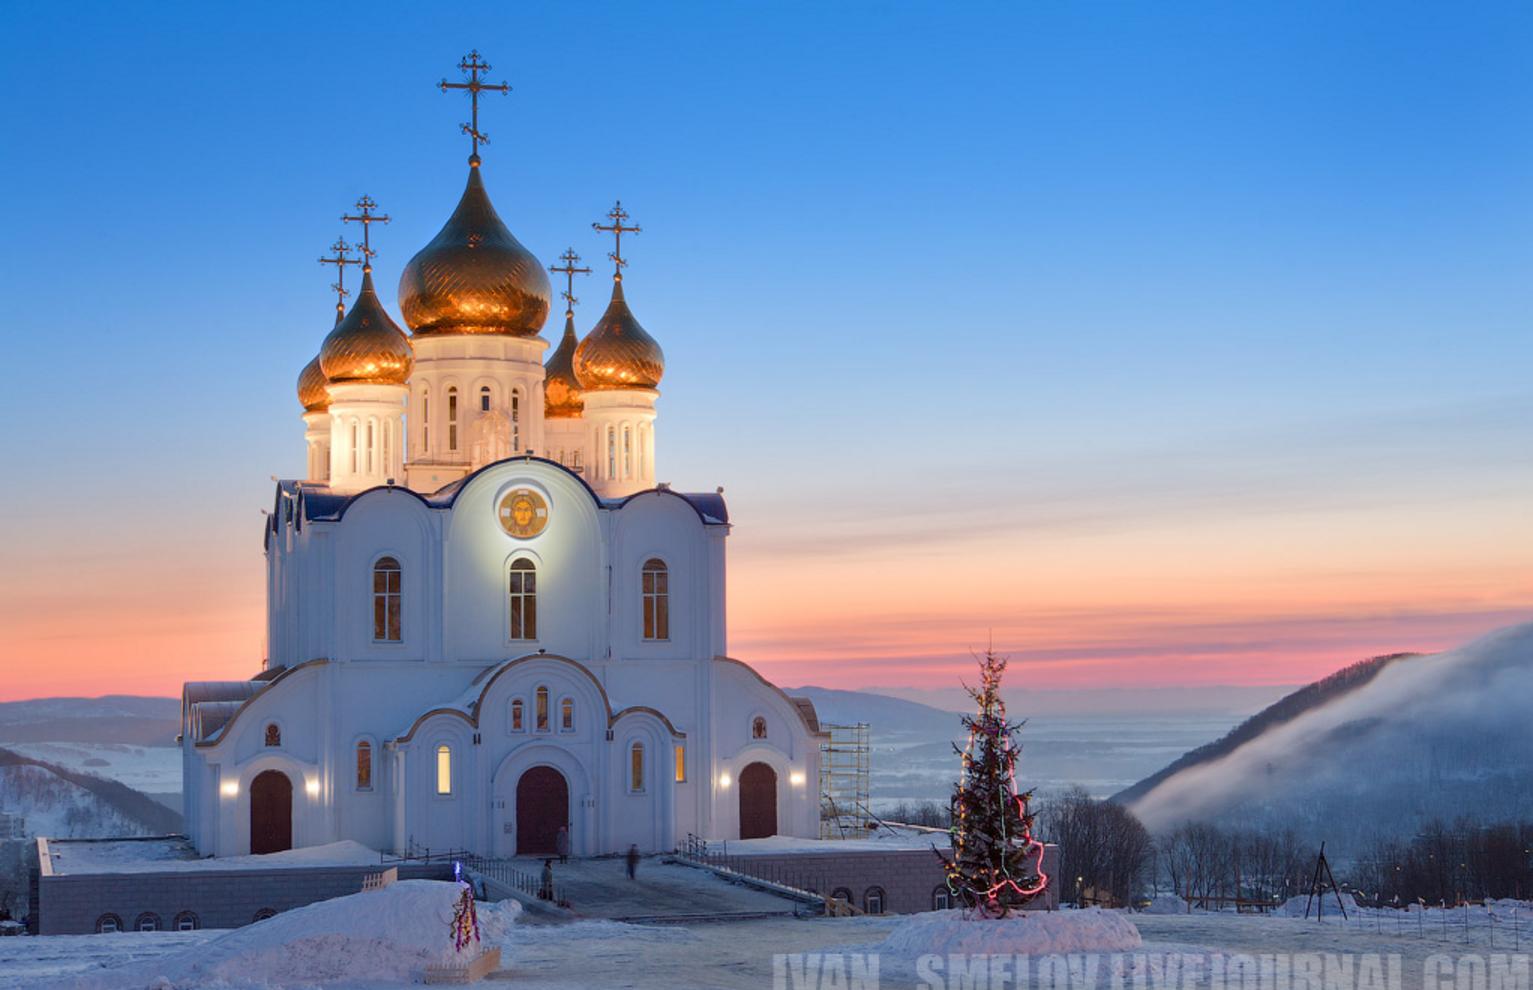 Троицкий собор на рассвете в день Христова рождества. Петропавловск-Камчатский